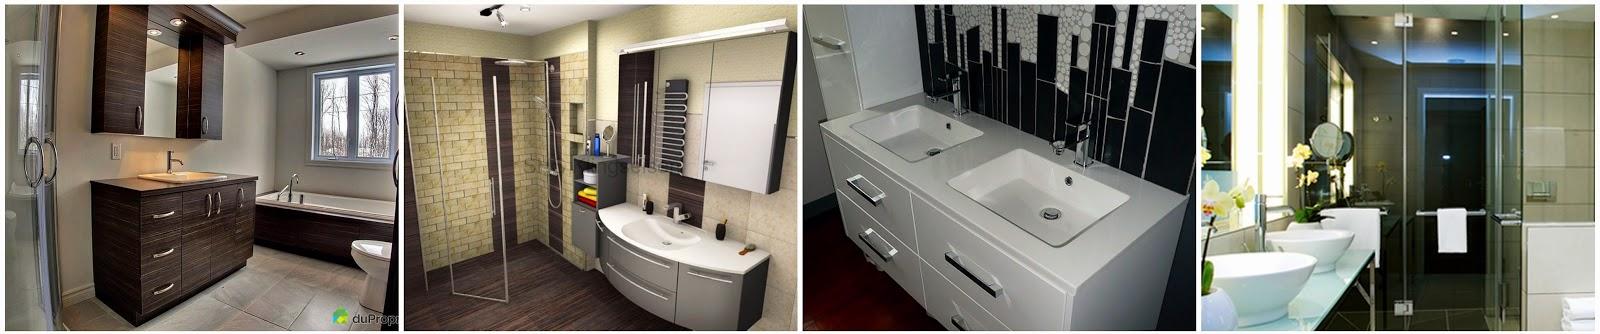 revêtement de sol salle de bain